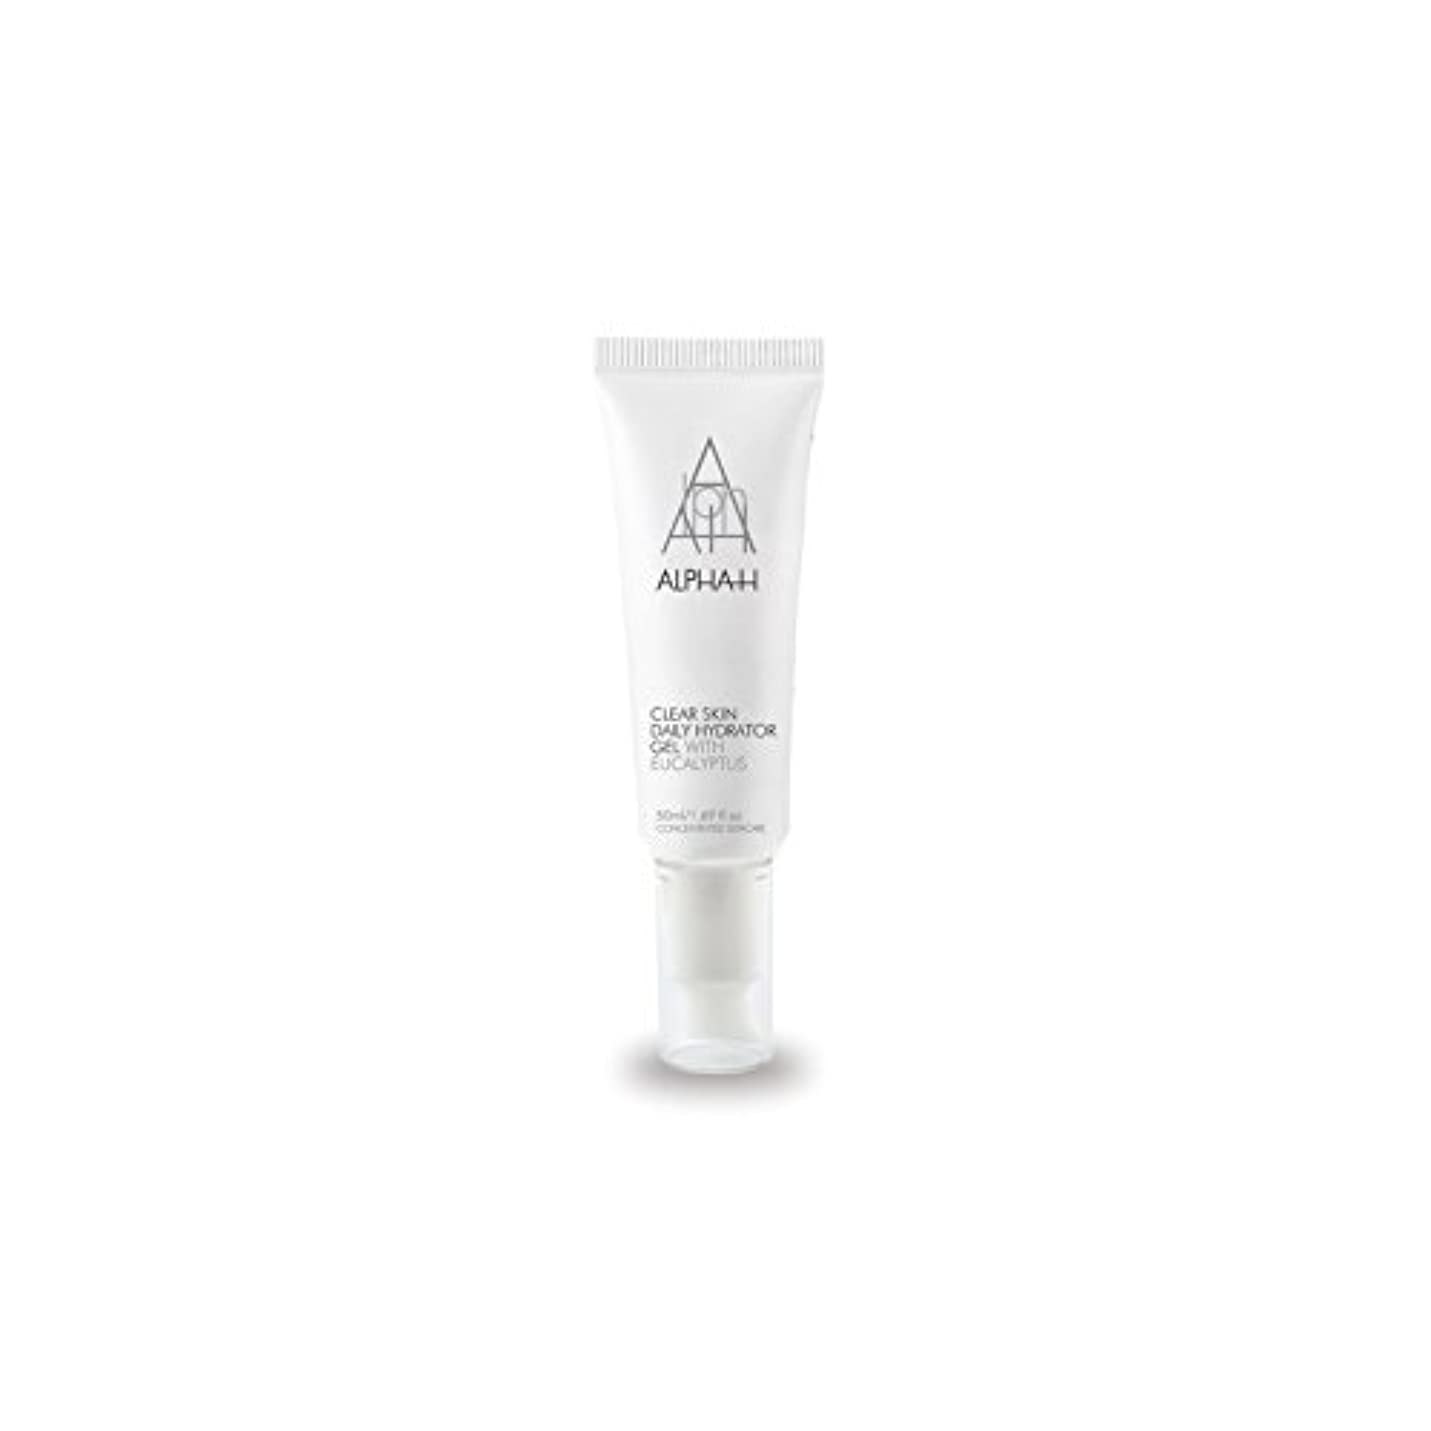 嘆く書士うれしいアルファクリア皮膚毎日ハイドレーターゲル(50)中 x2 - Alpha-H Clear Skin Daily Hydrator Gel (50ml) (Pack of 2) [並行輸入品]